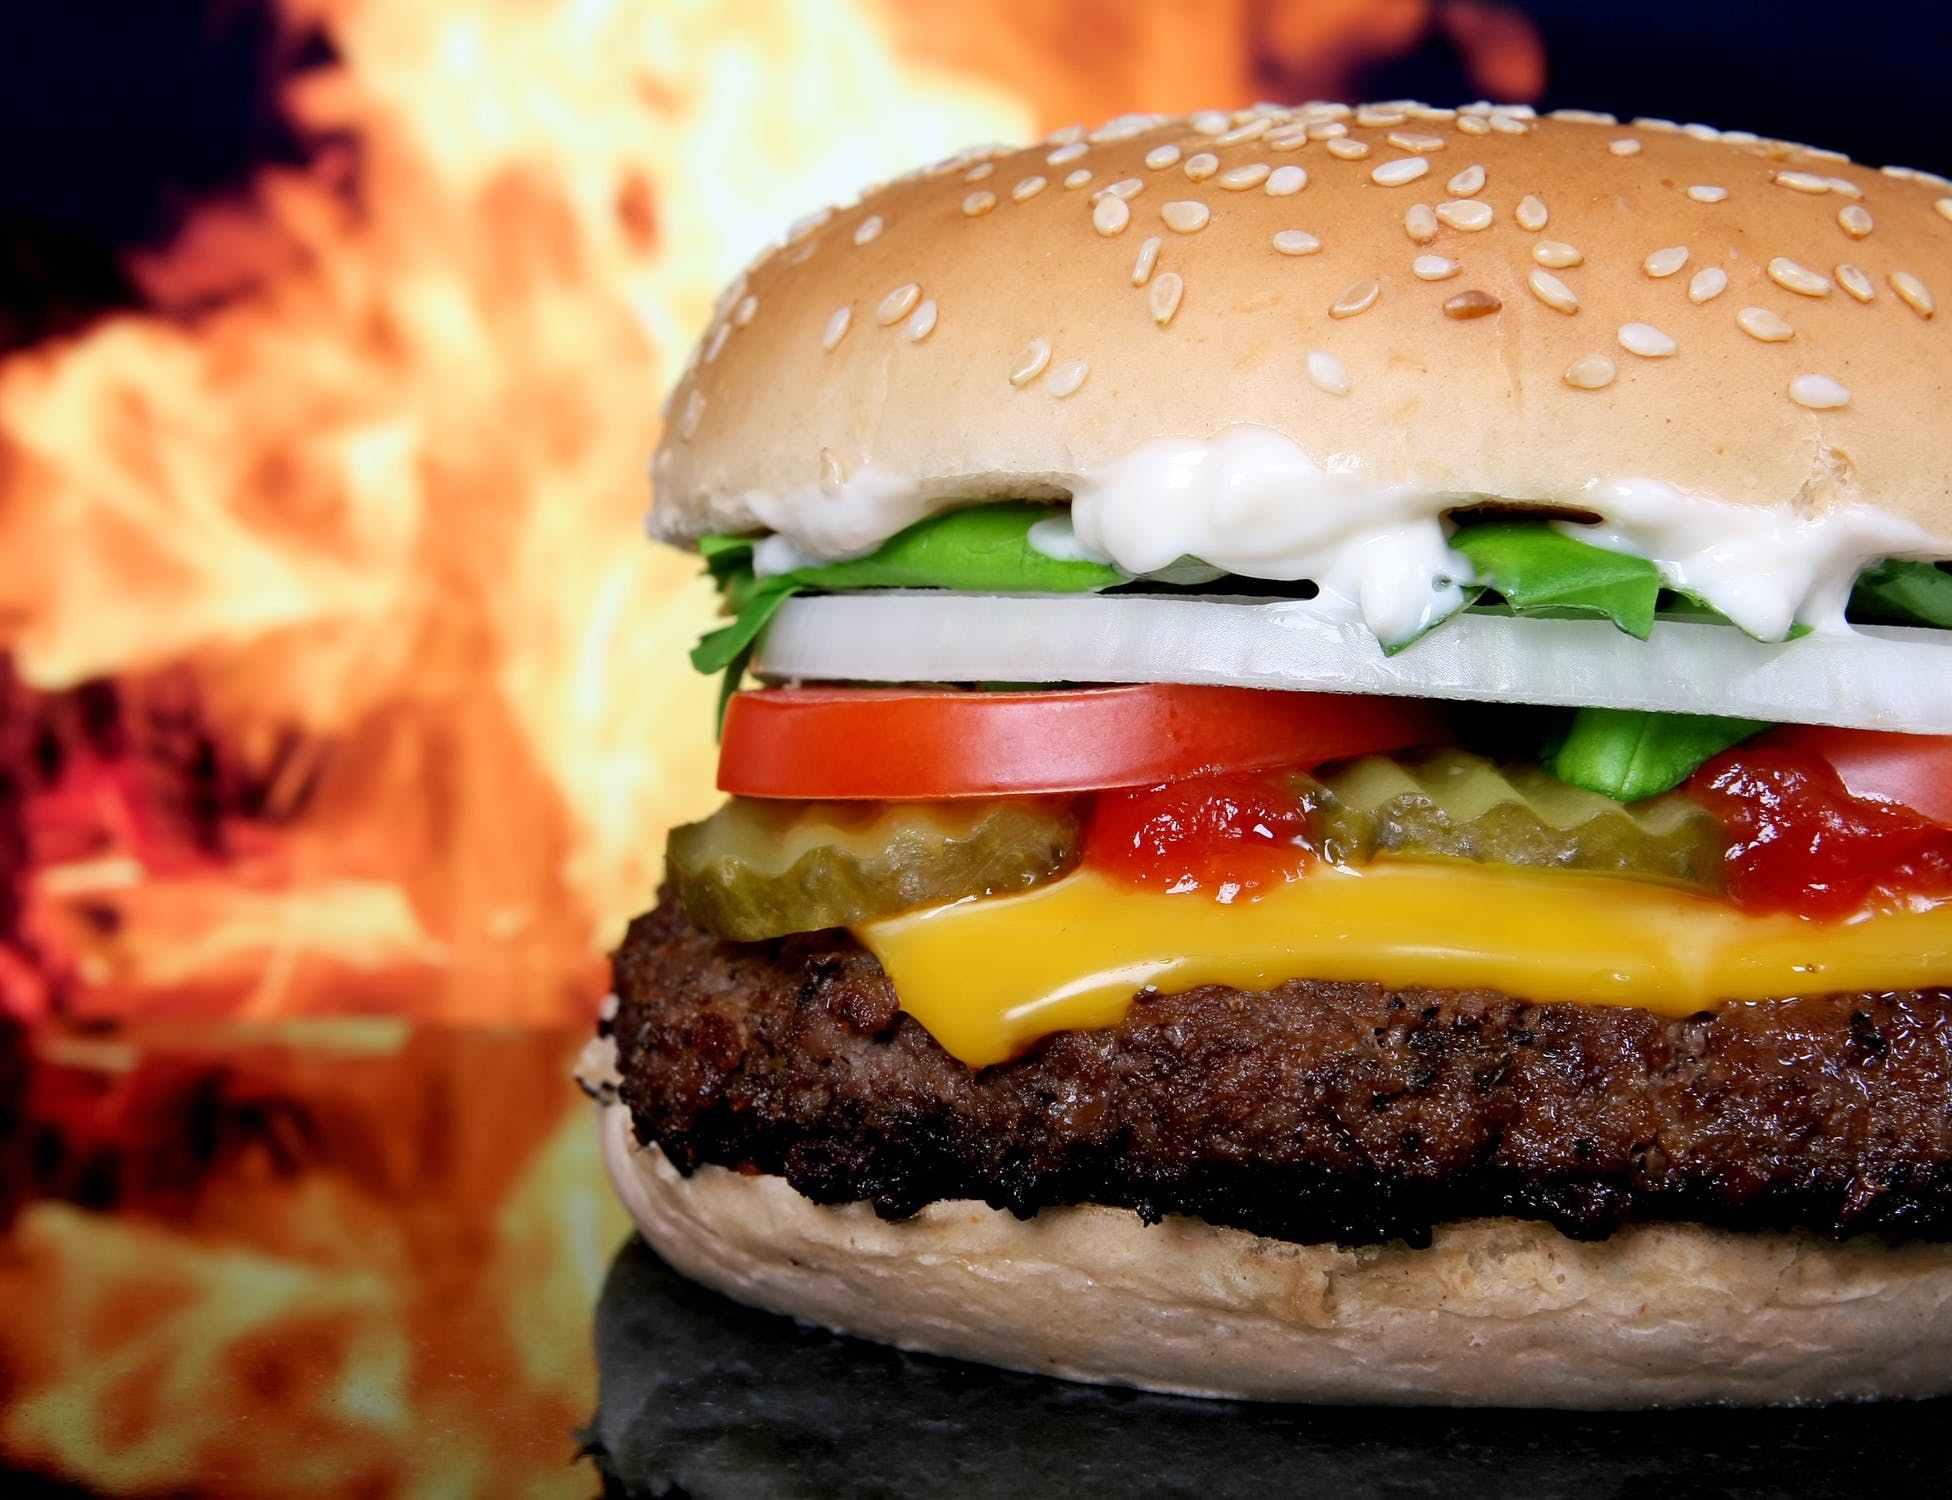 香肠汉堡已成健康杀手,垃圾食品产业是怎么在世界盛行的